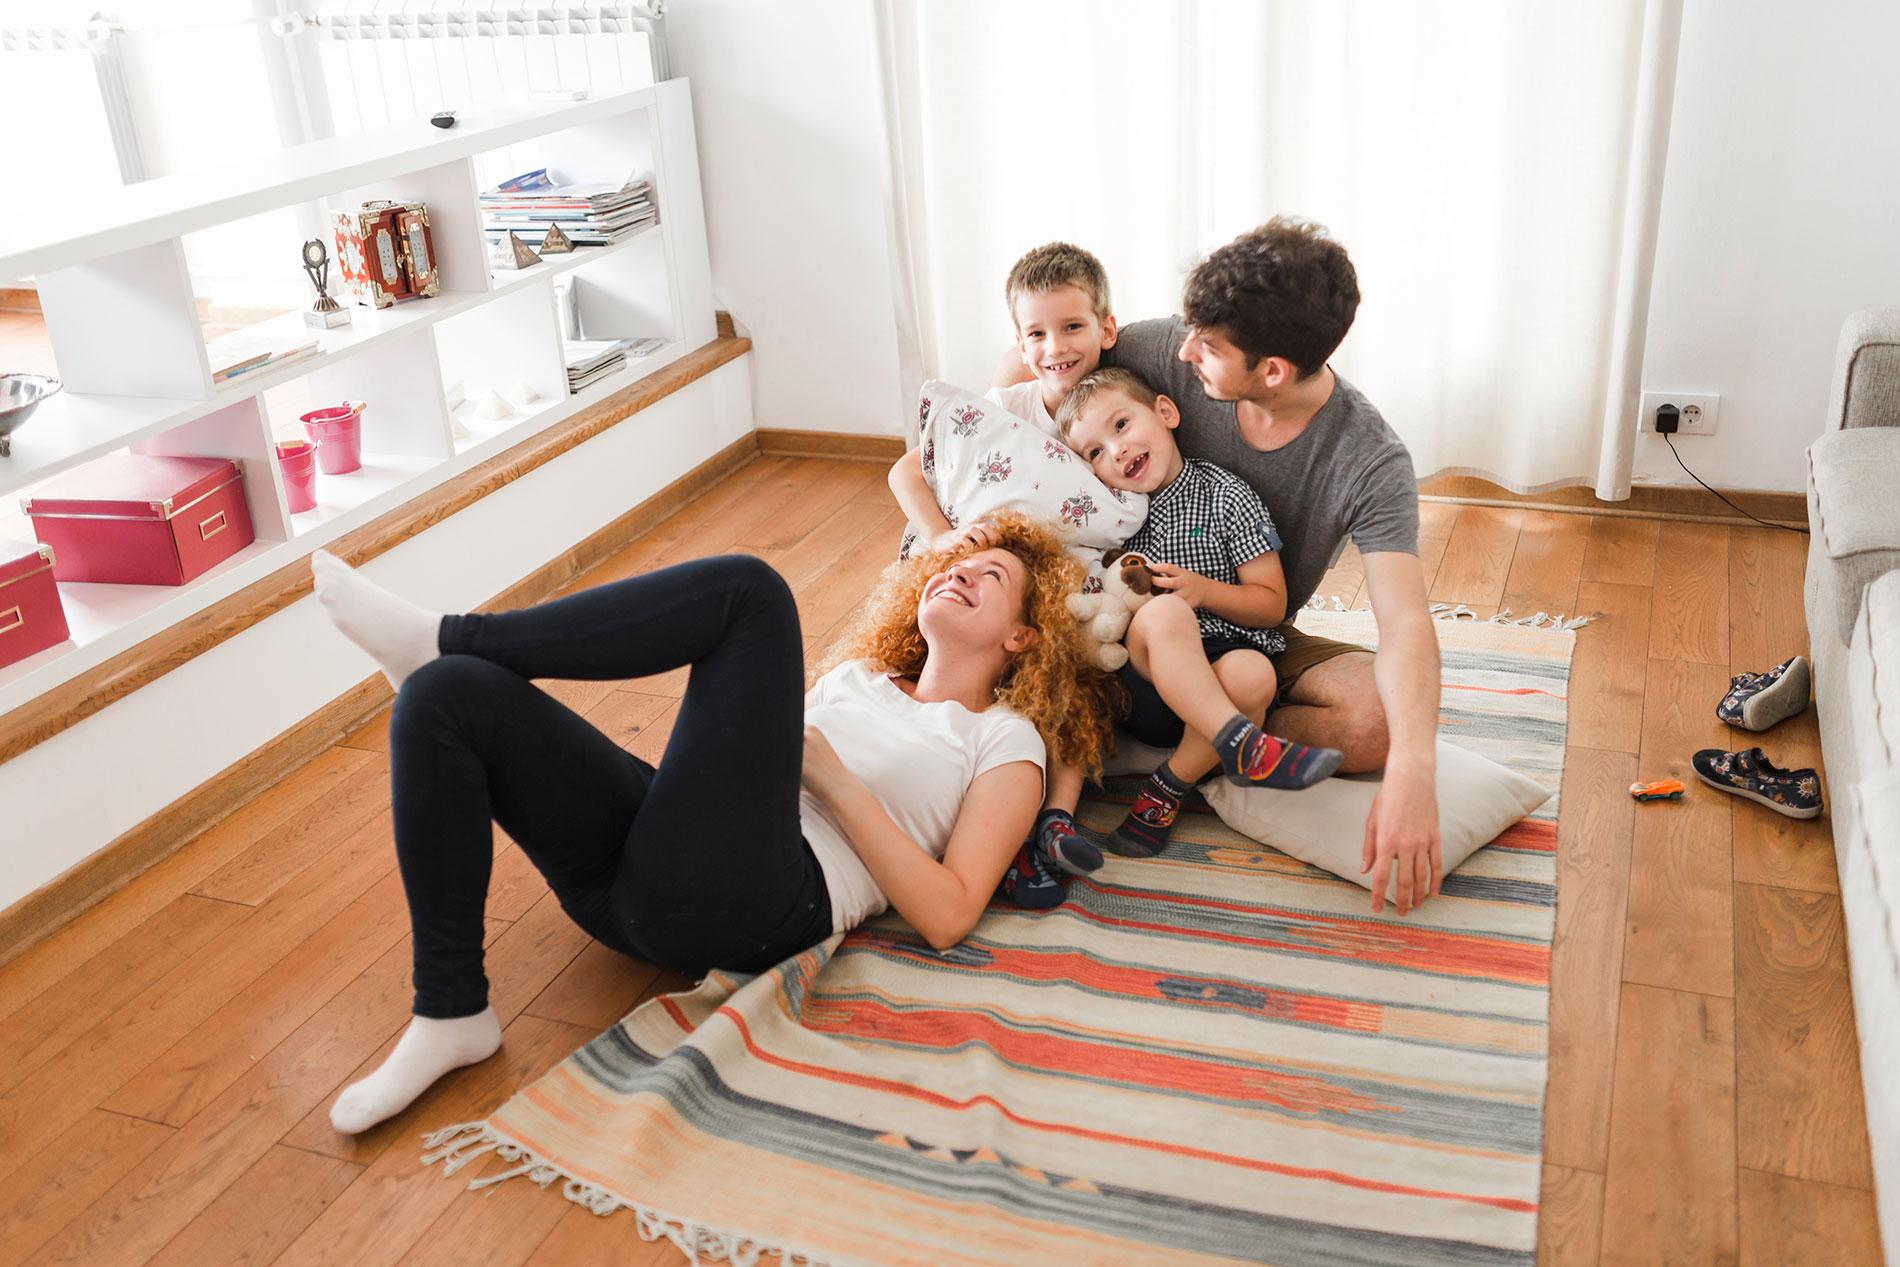 Iren Casa H24 e H24+, l'assistenza casa completa e sempre disponibile